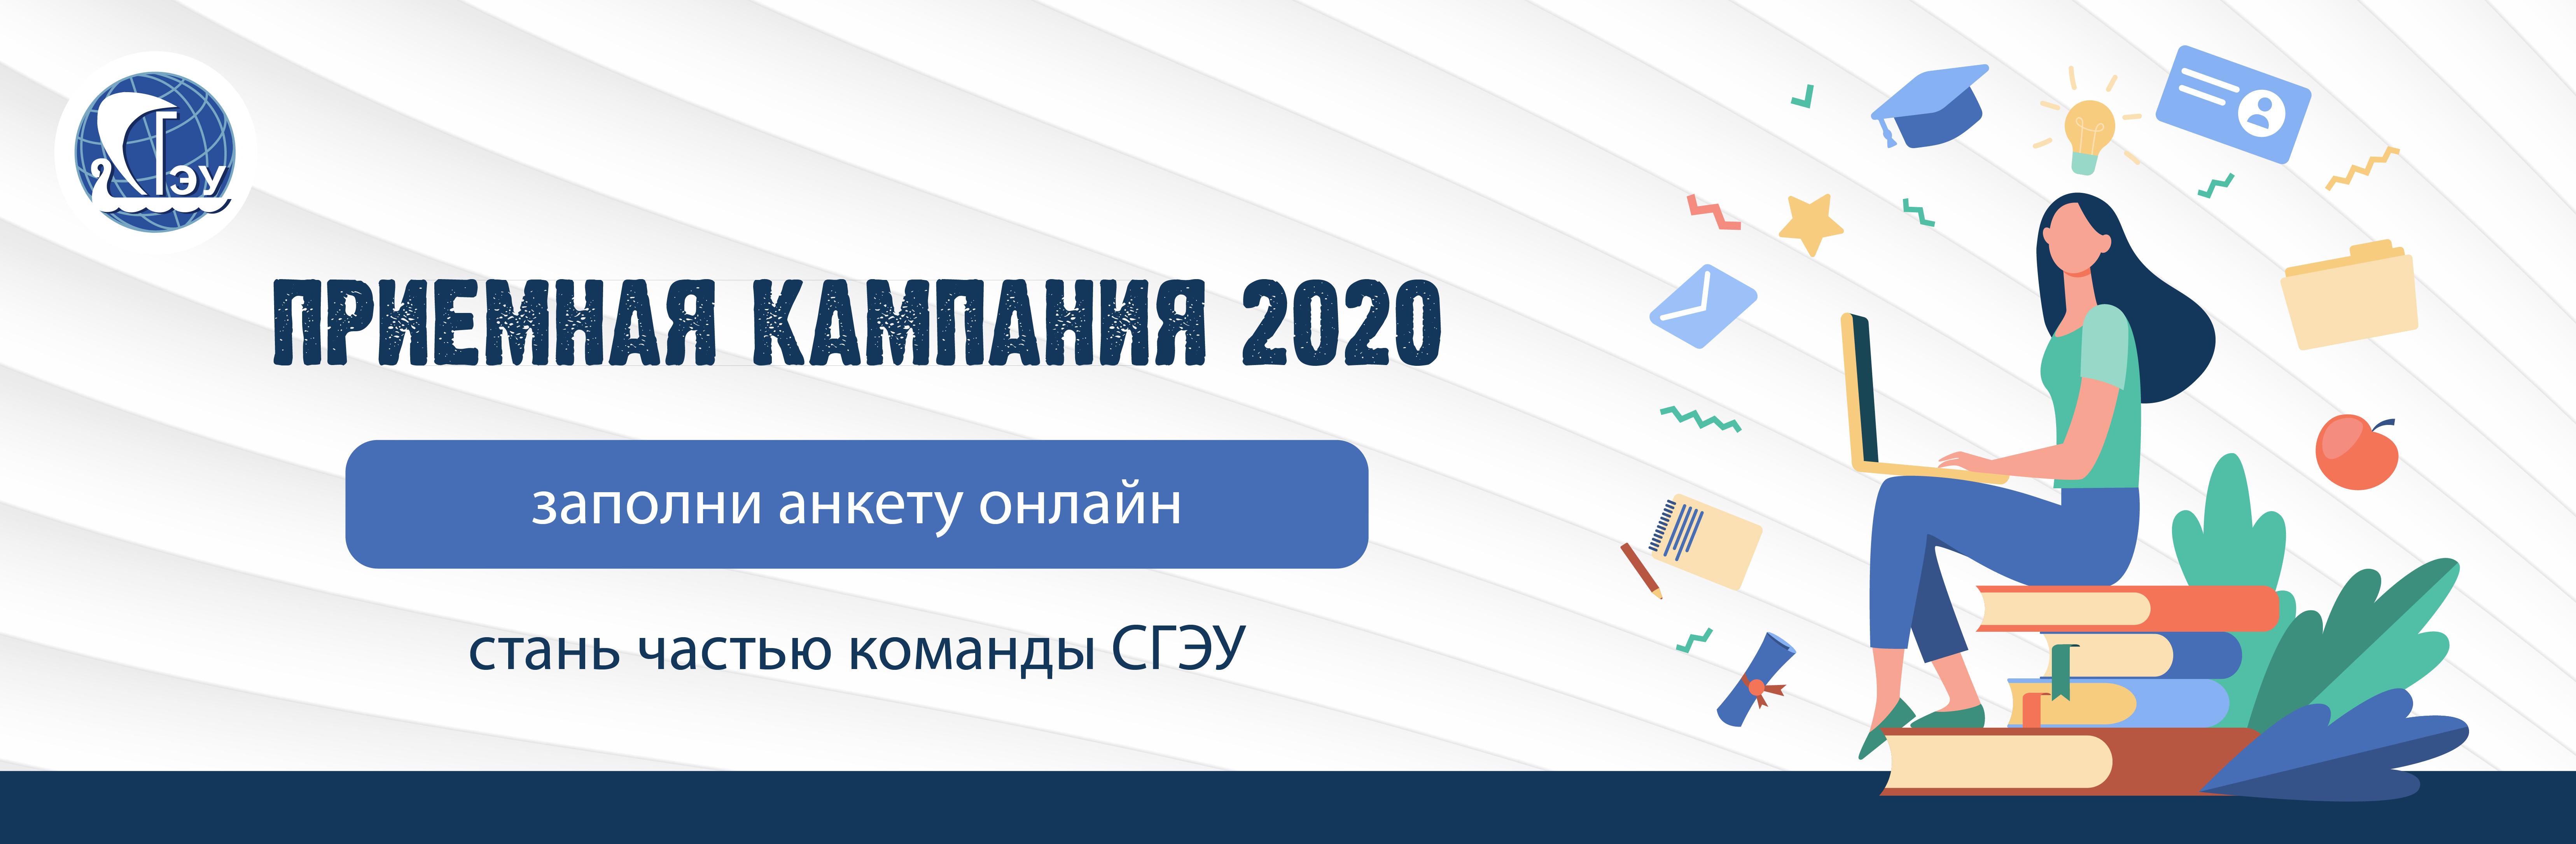 Изображение: СГЭУ Приемная кампания 2020